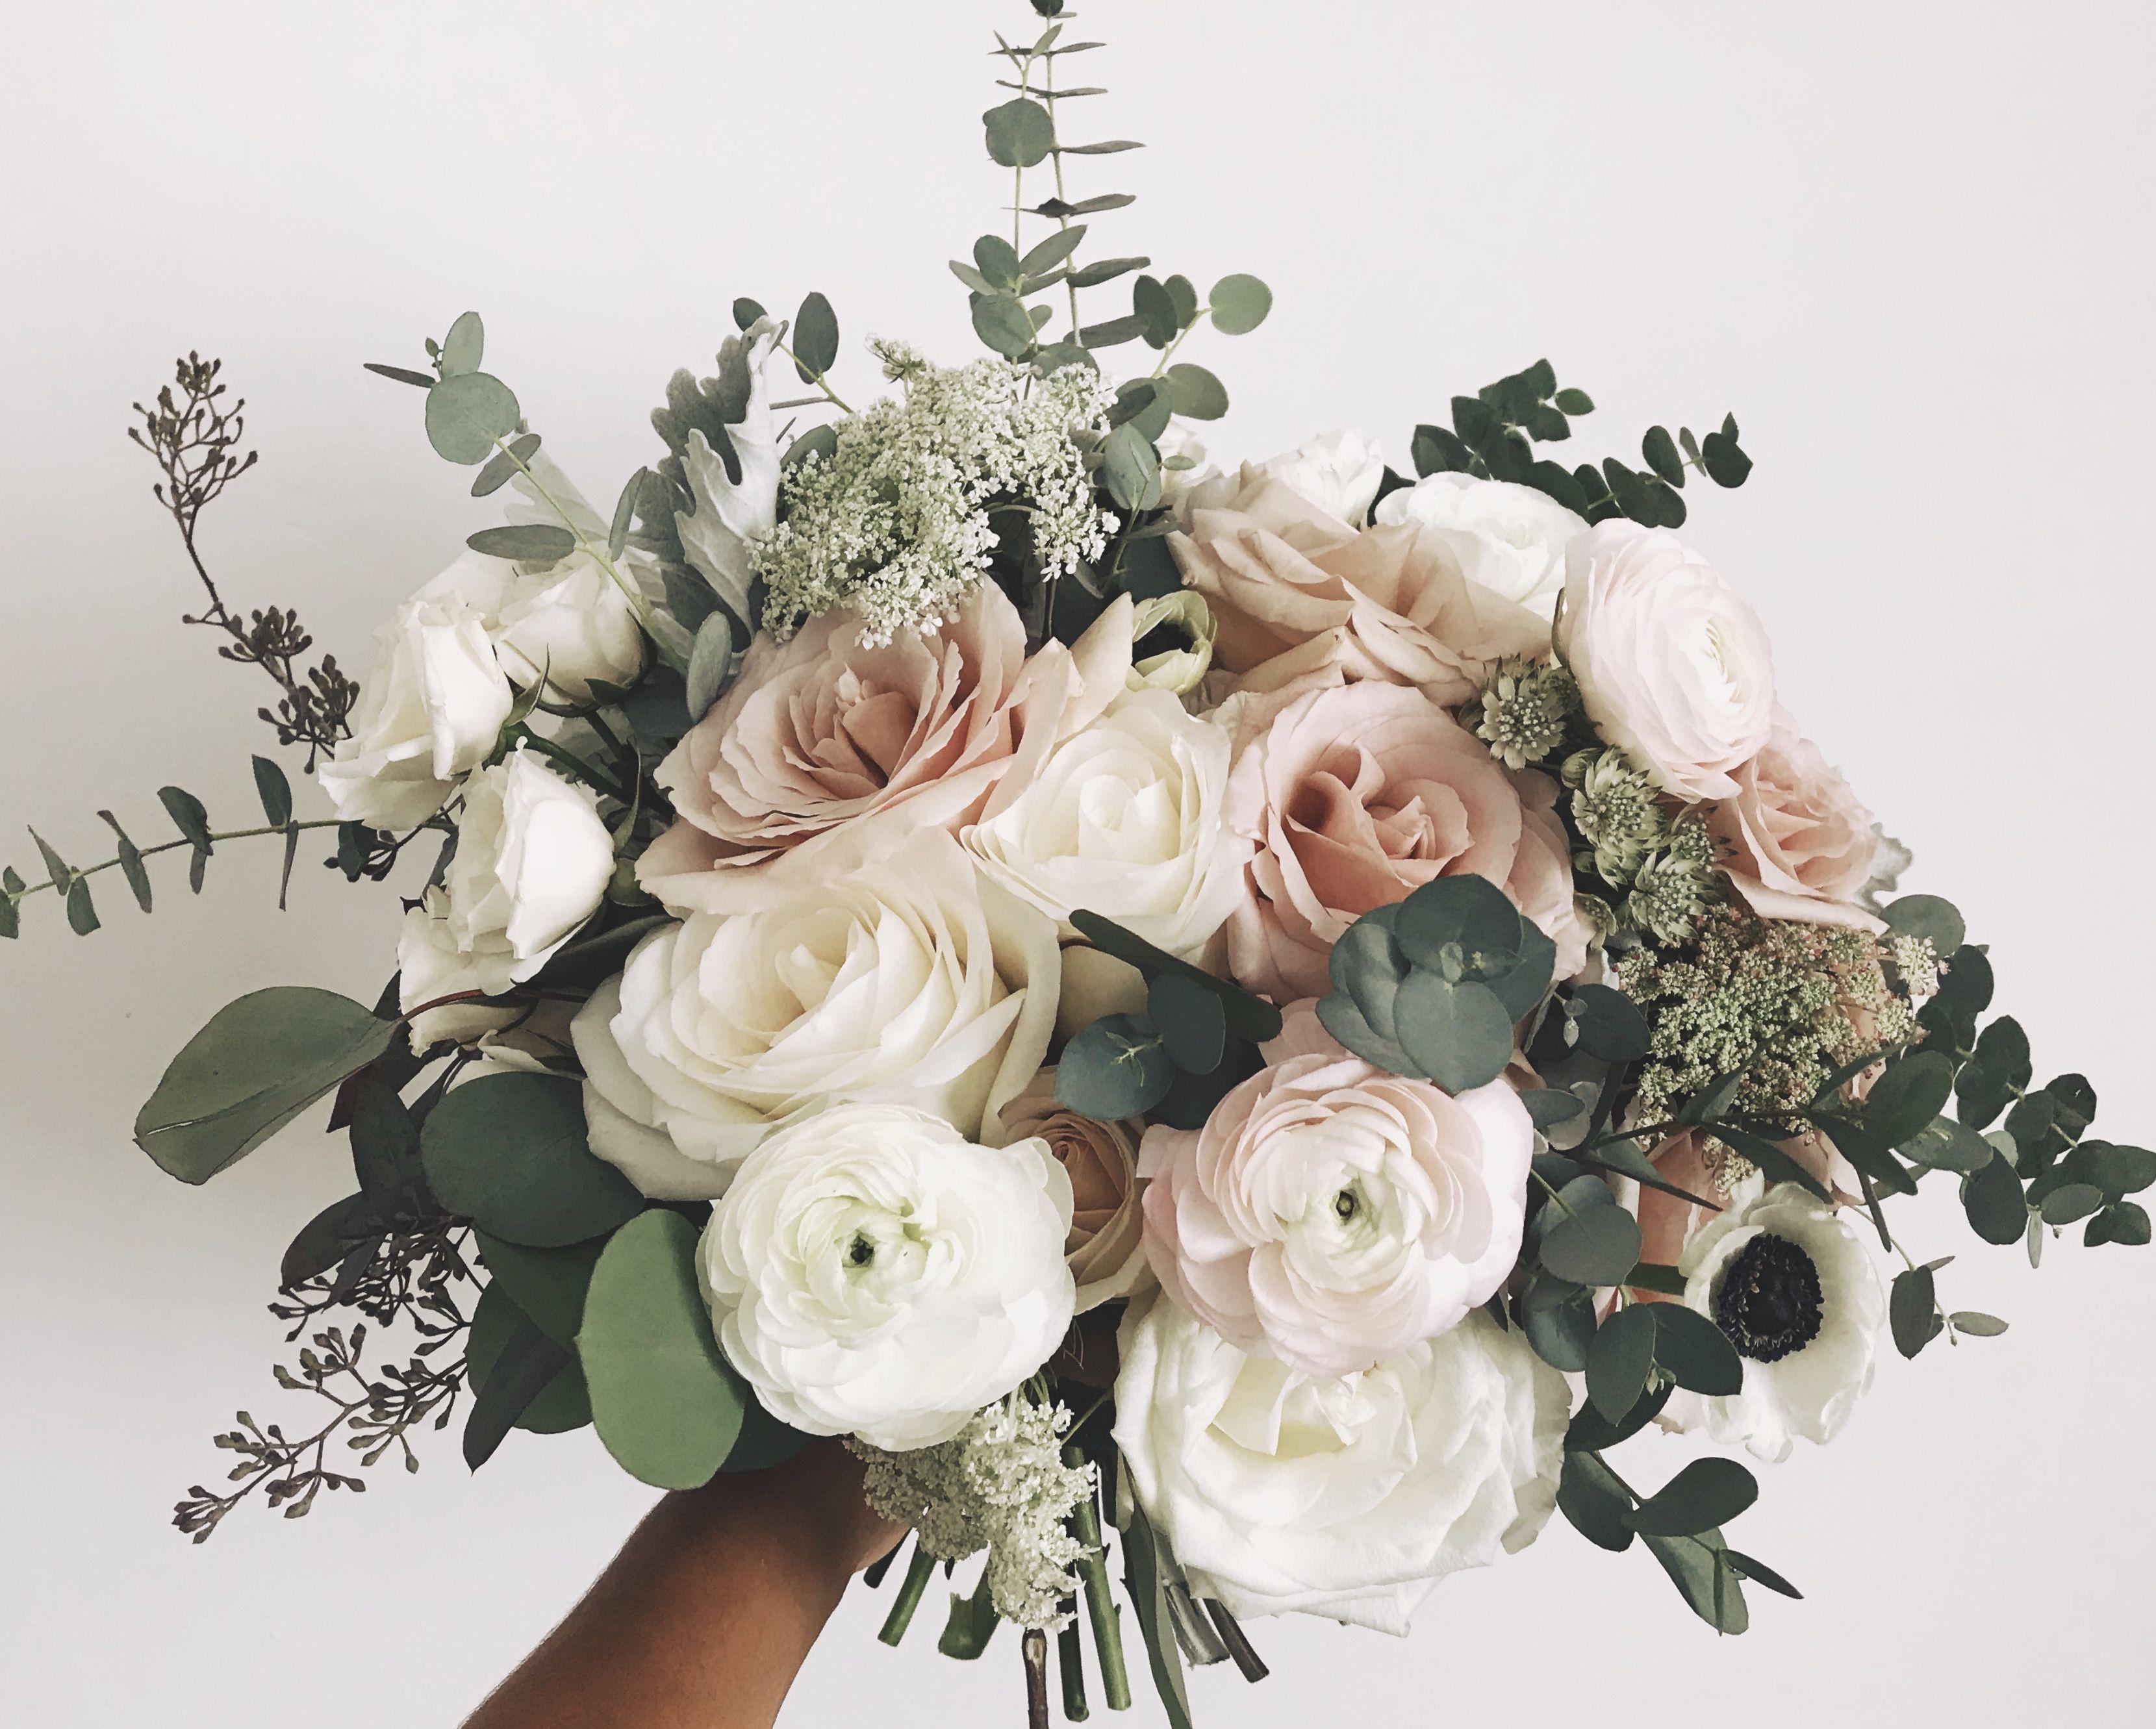 Erröten und weißer Blumenstrauß #bridalflowerbouquets -  Erröten und weißer Strauß #bridalflowerbouquets  - #blumenstrau #Blumenstrauß #brautkleider #bridalflowerbouquets #CranberryEnergiebällchen #erroten #Hochzeitsblumen #Käsekuchen-Rezepte #und #weisser #whiteweddingflowers